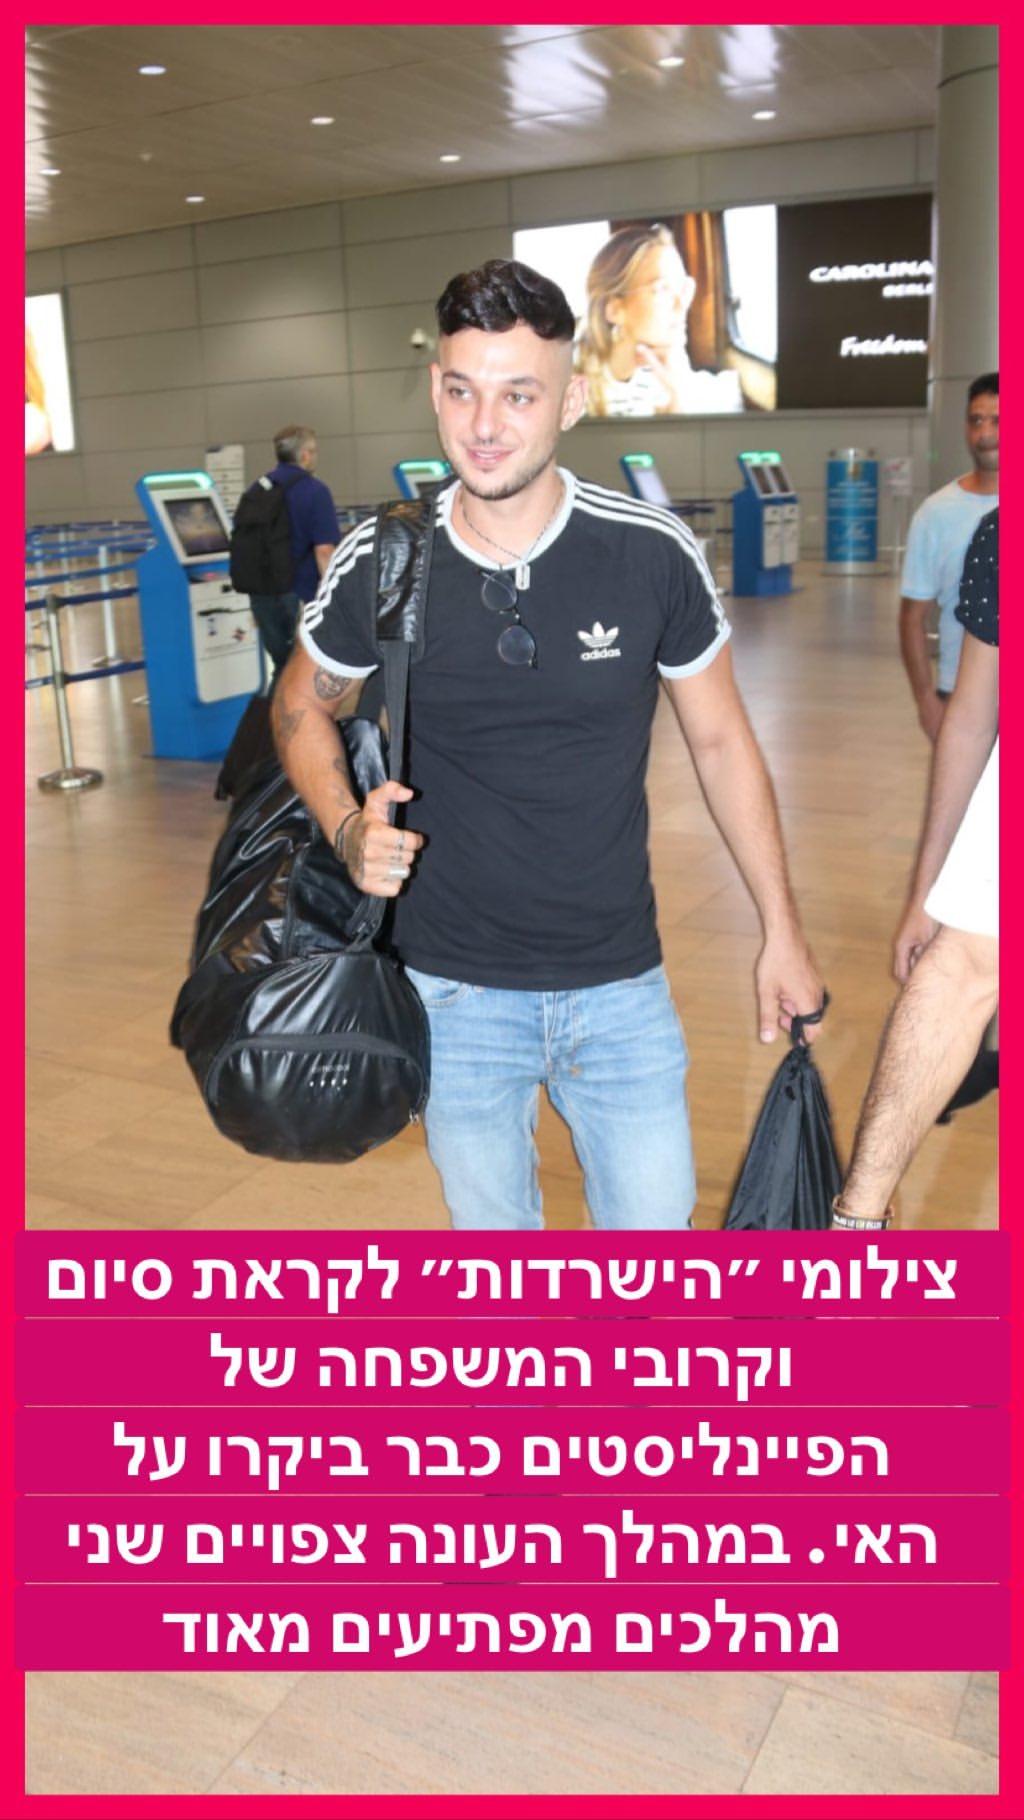 מה קרה בצילומי הישרדות VIP? ההפתעה של ישראל אוגלבו!